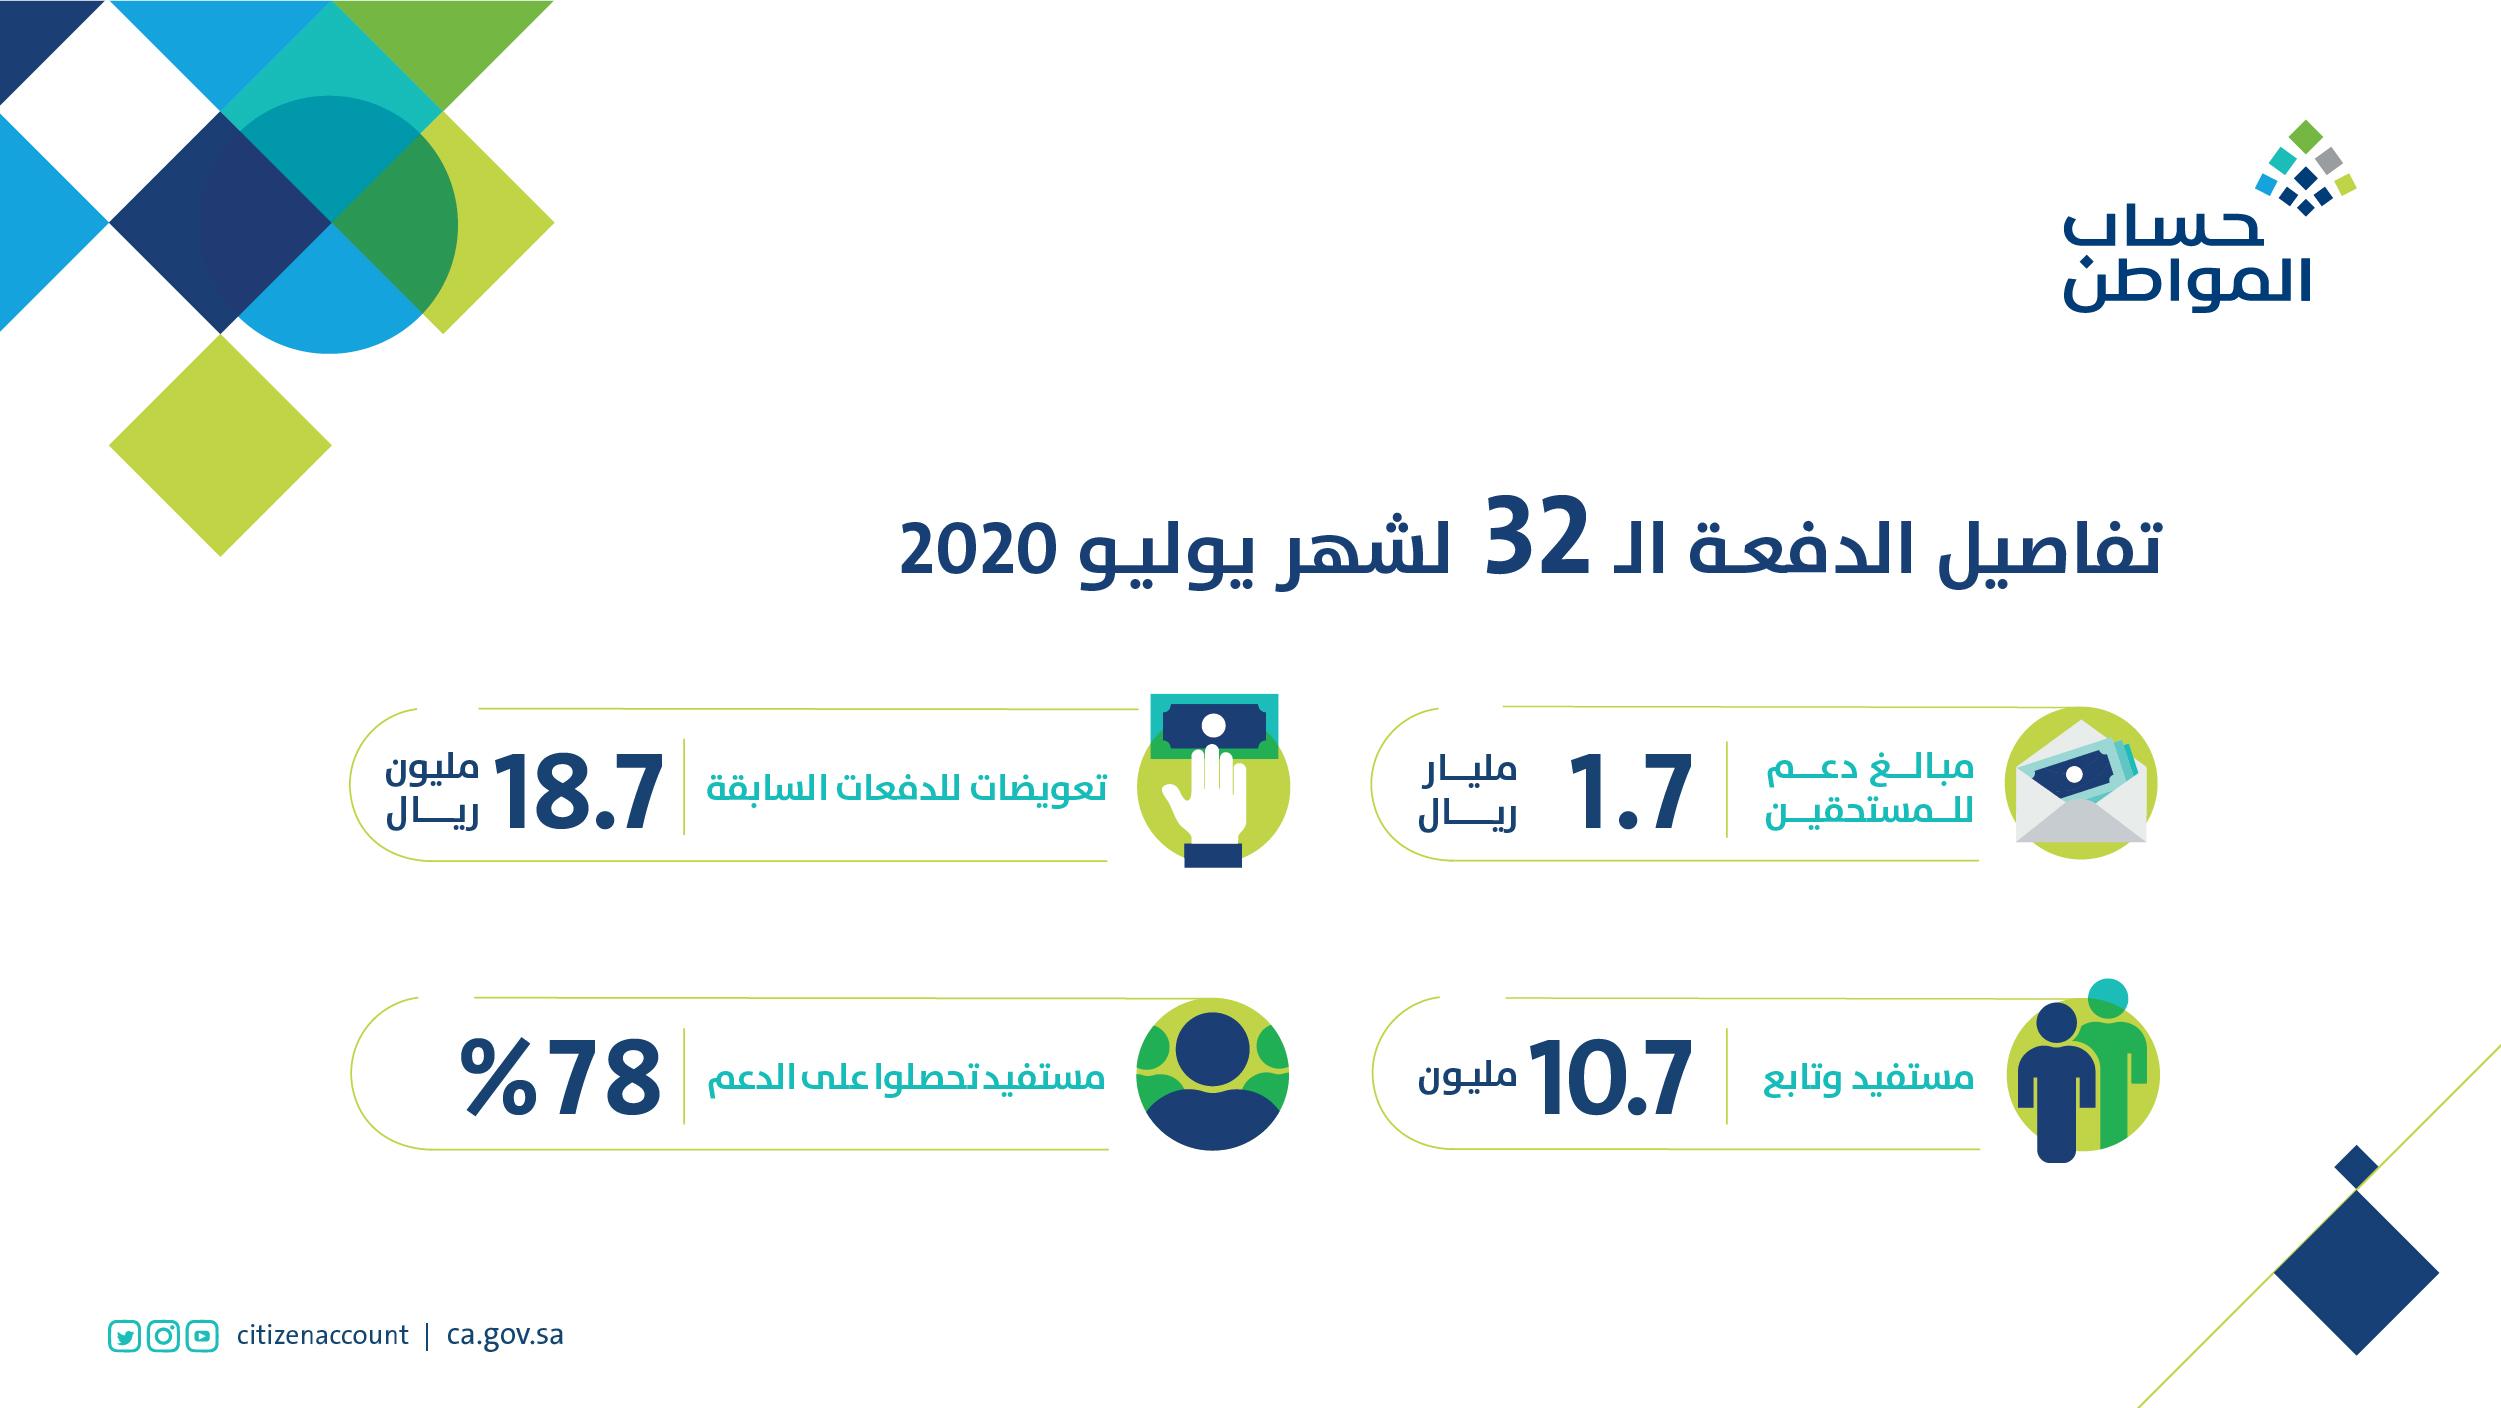 تفاصيل الدفعة 32 من حساب المواطن لشهر يوليو 2020